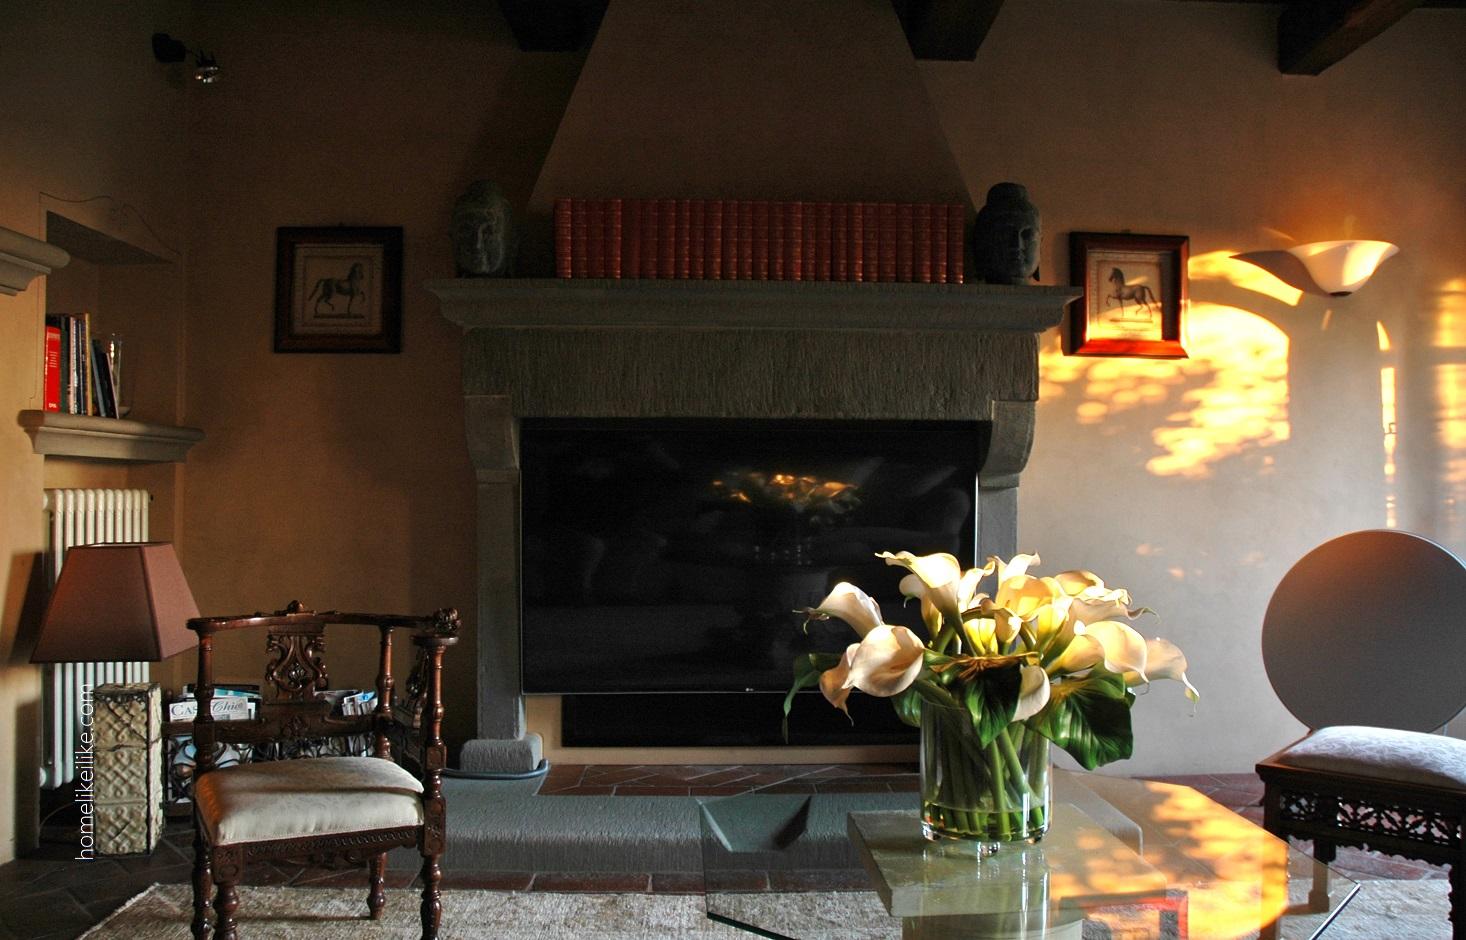 tuscany fireplace - homelikeilike.com